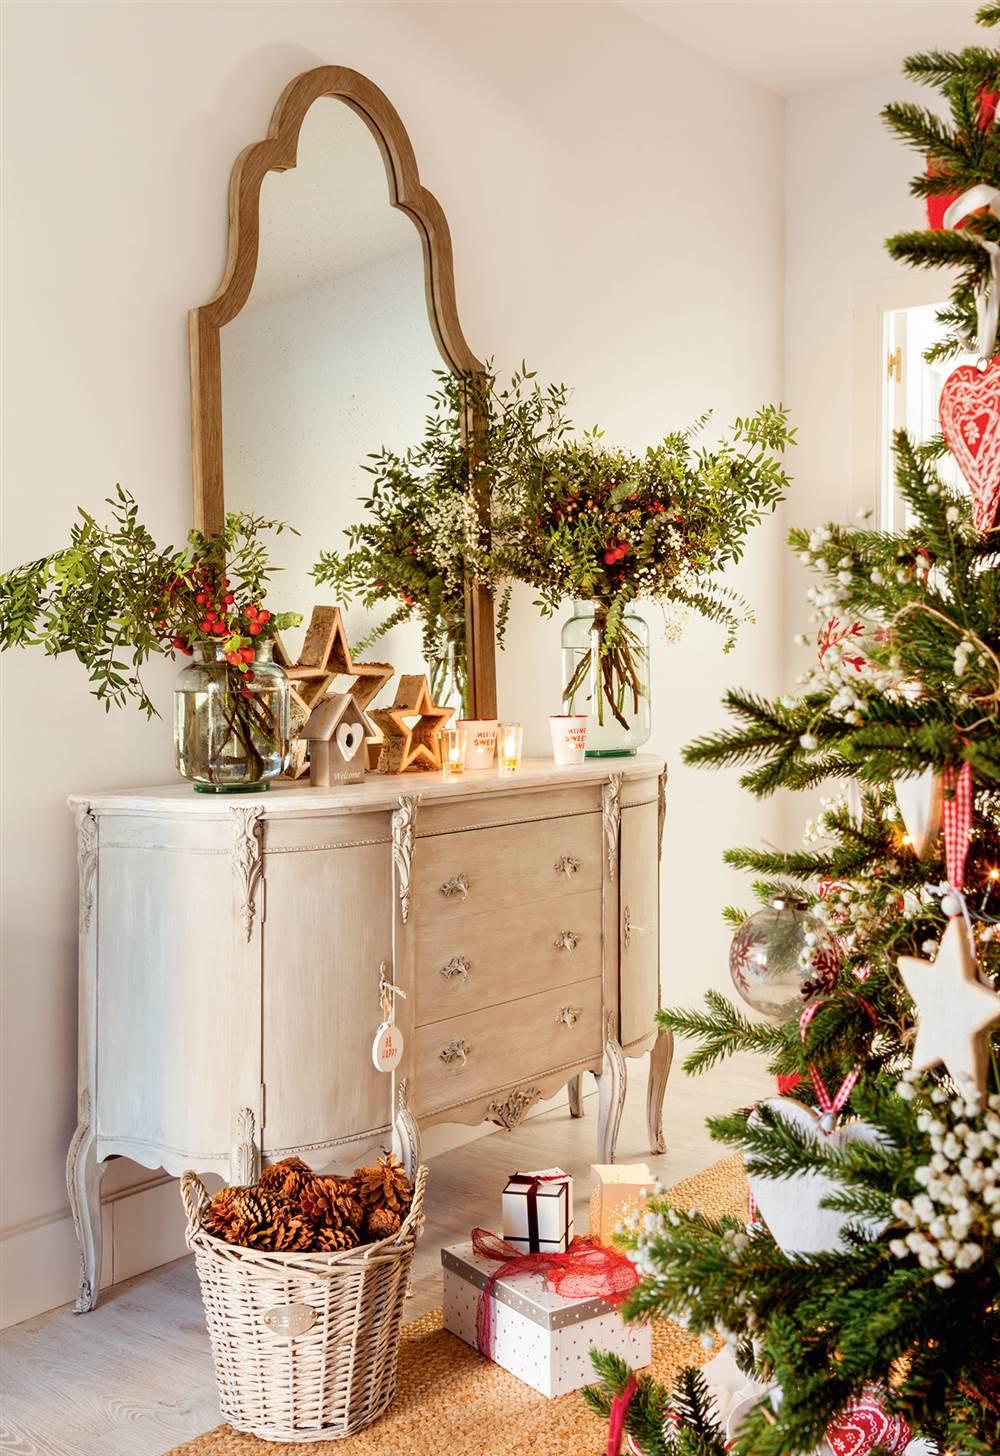 Navidad ideas para decorar de verde natural tu recibidor - Ambientador natural para casa ...